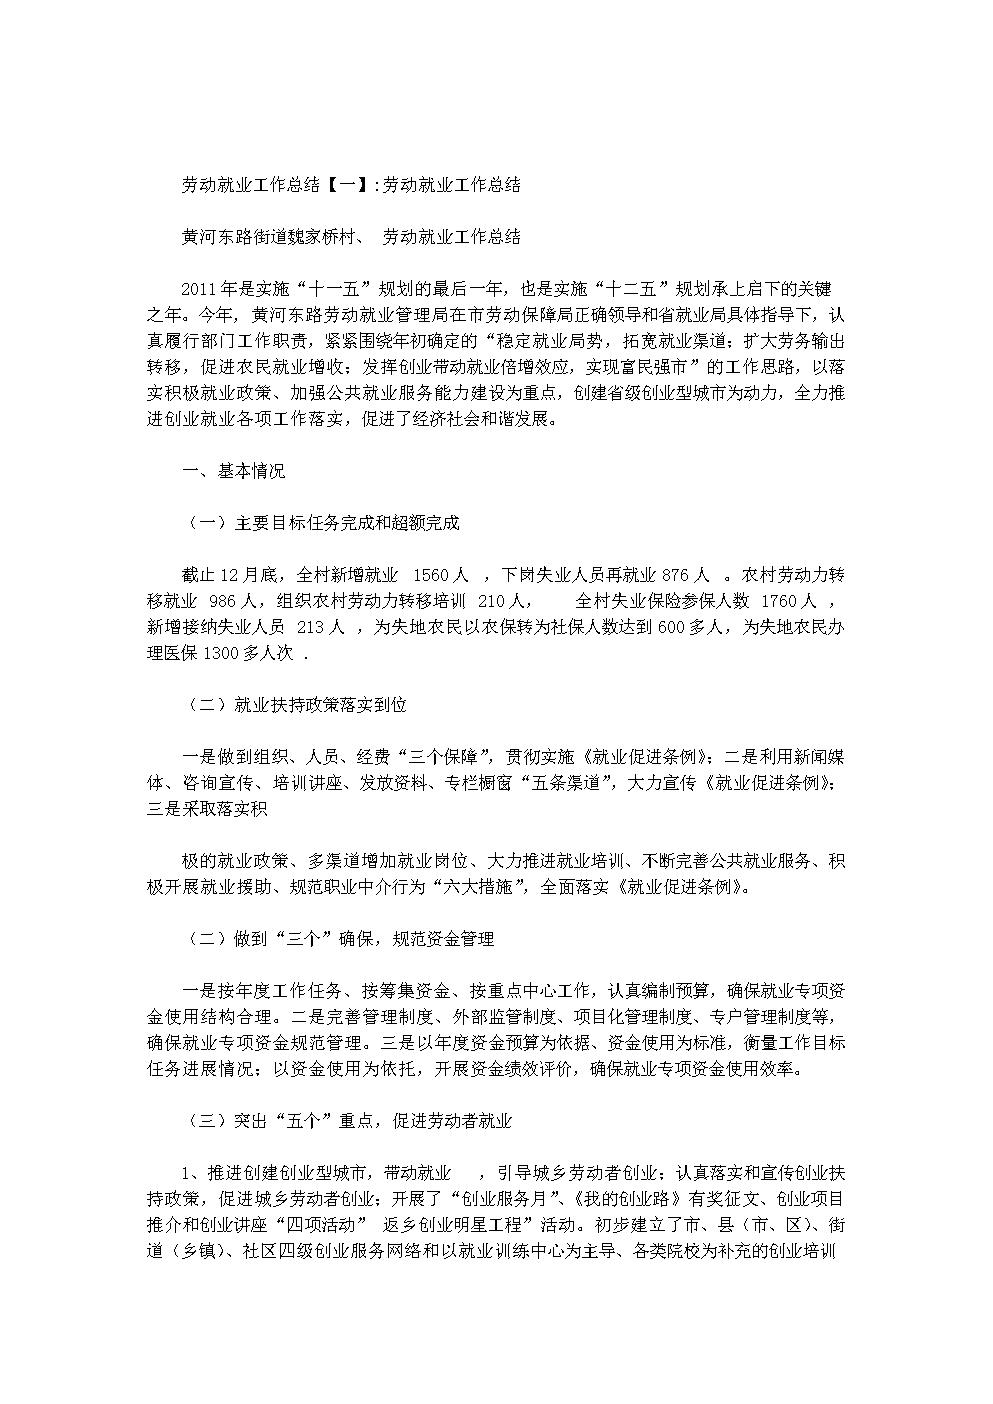 劳动就业工作总结范文.doc